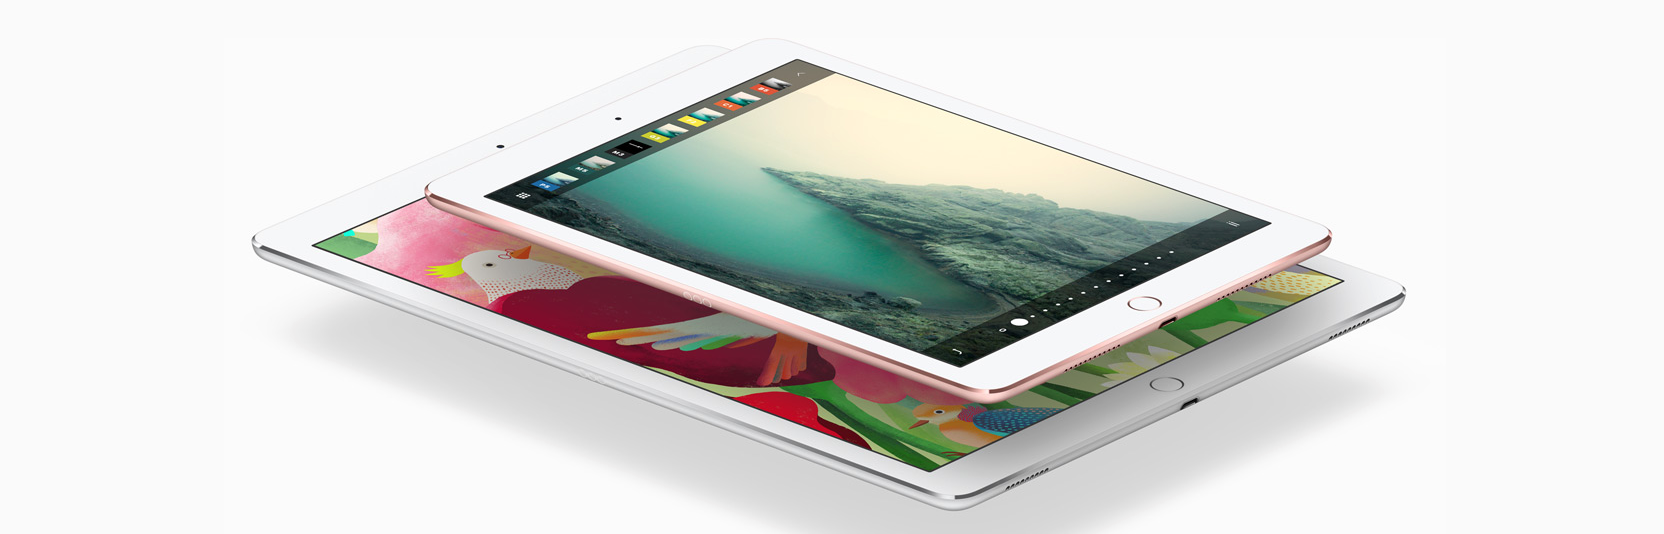 Tyle w Polsce zapłacisz za nowego iPada Pro